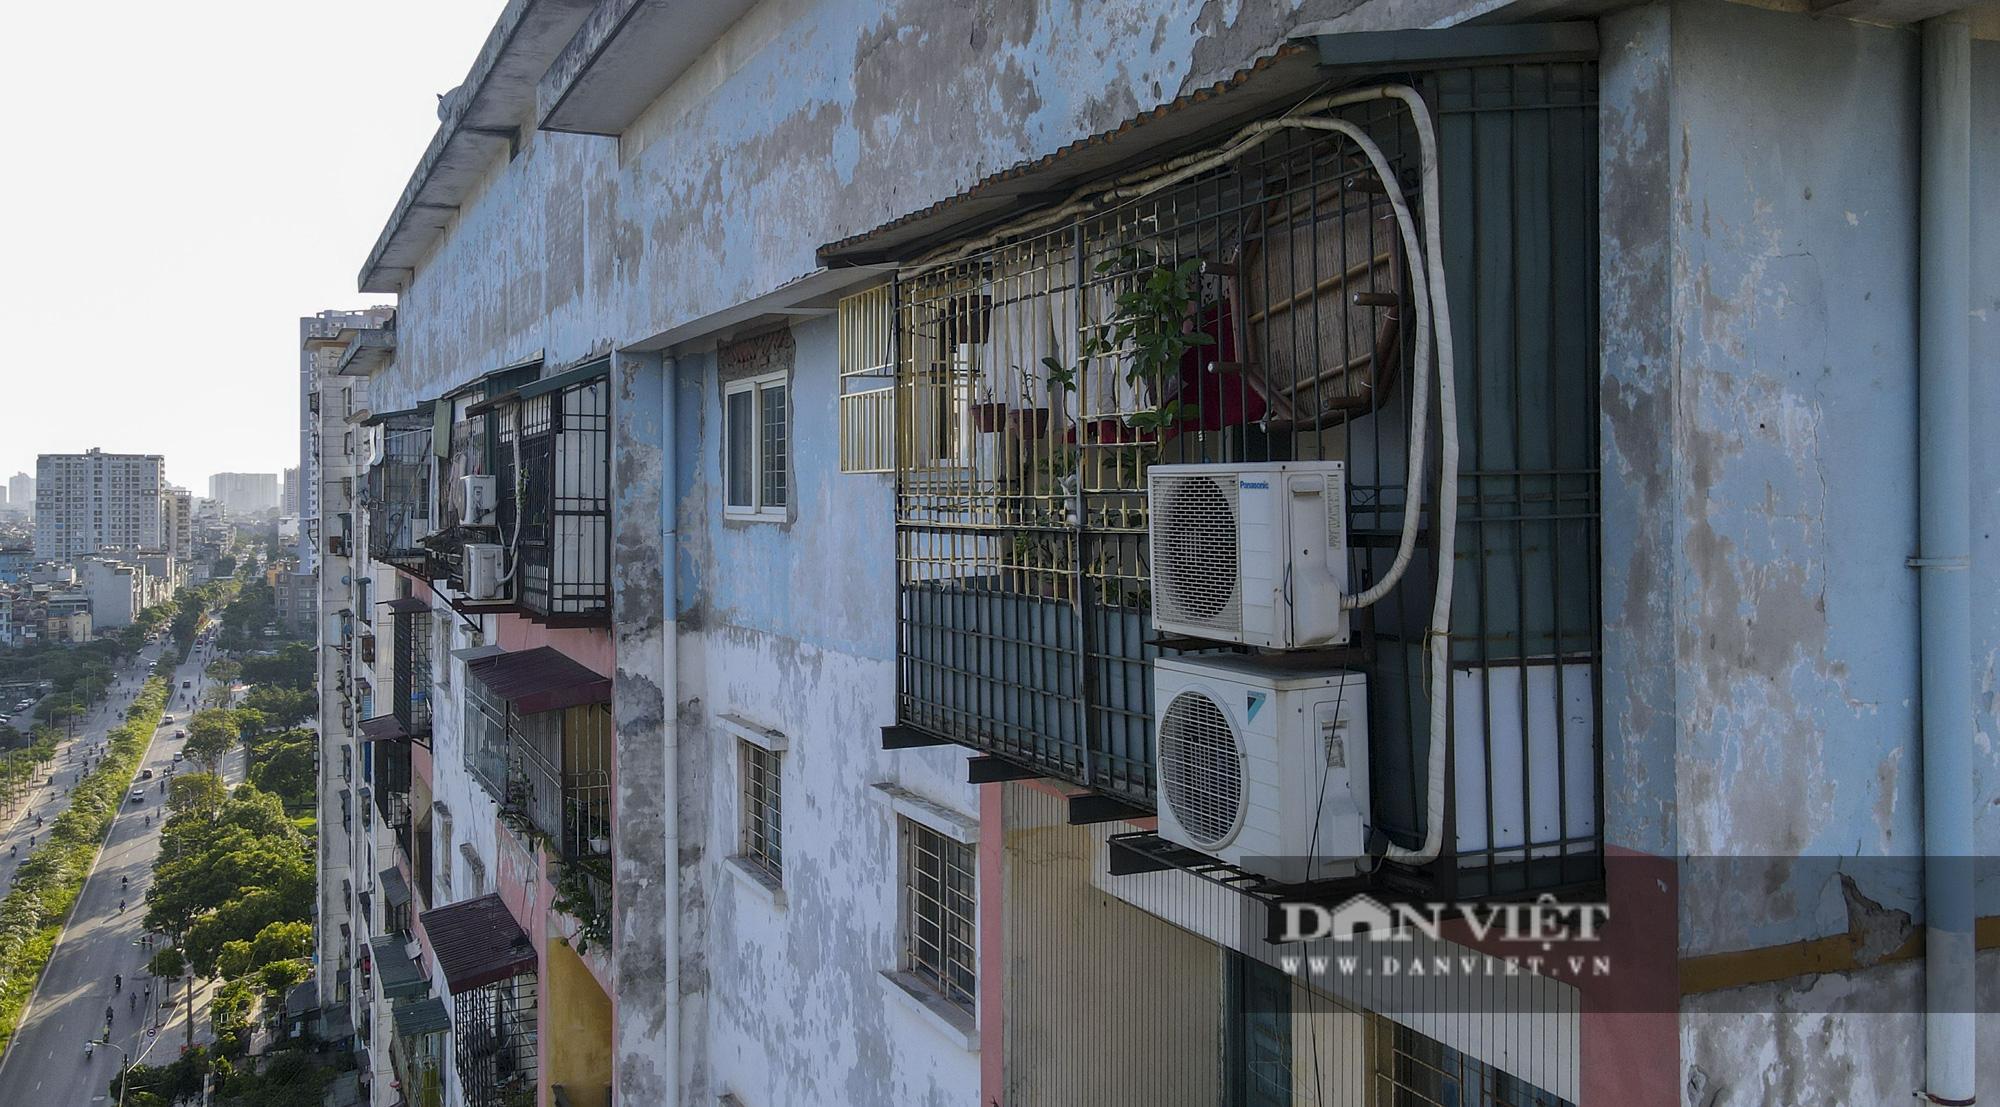 """Phát sợ với """"chuồng cọp"""" khổng lồ lủng lẳng ở những chung cư cao tầng Lĩnh Nam - Ảnh 3."""